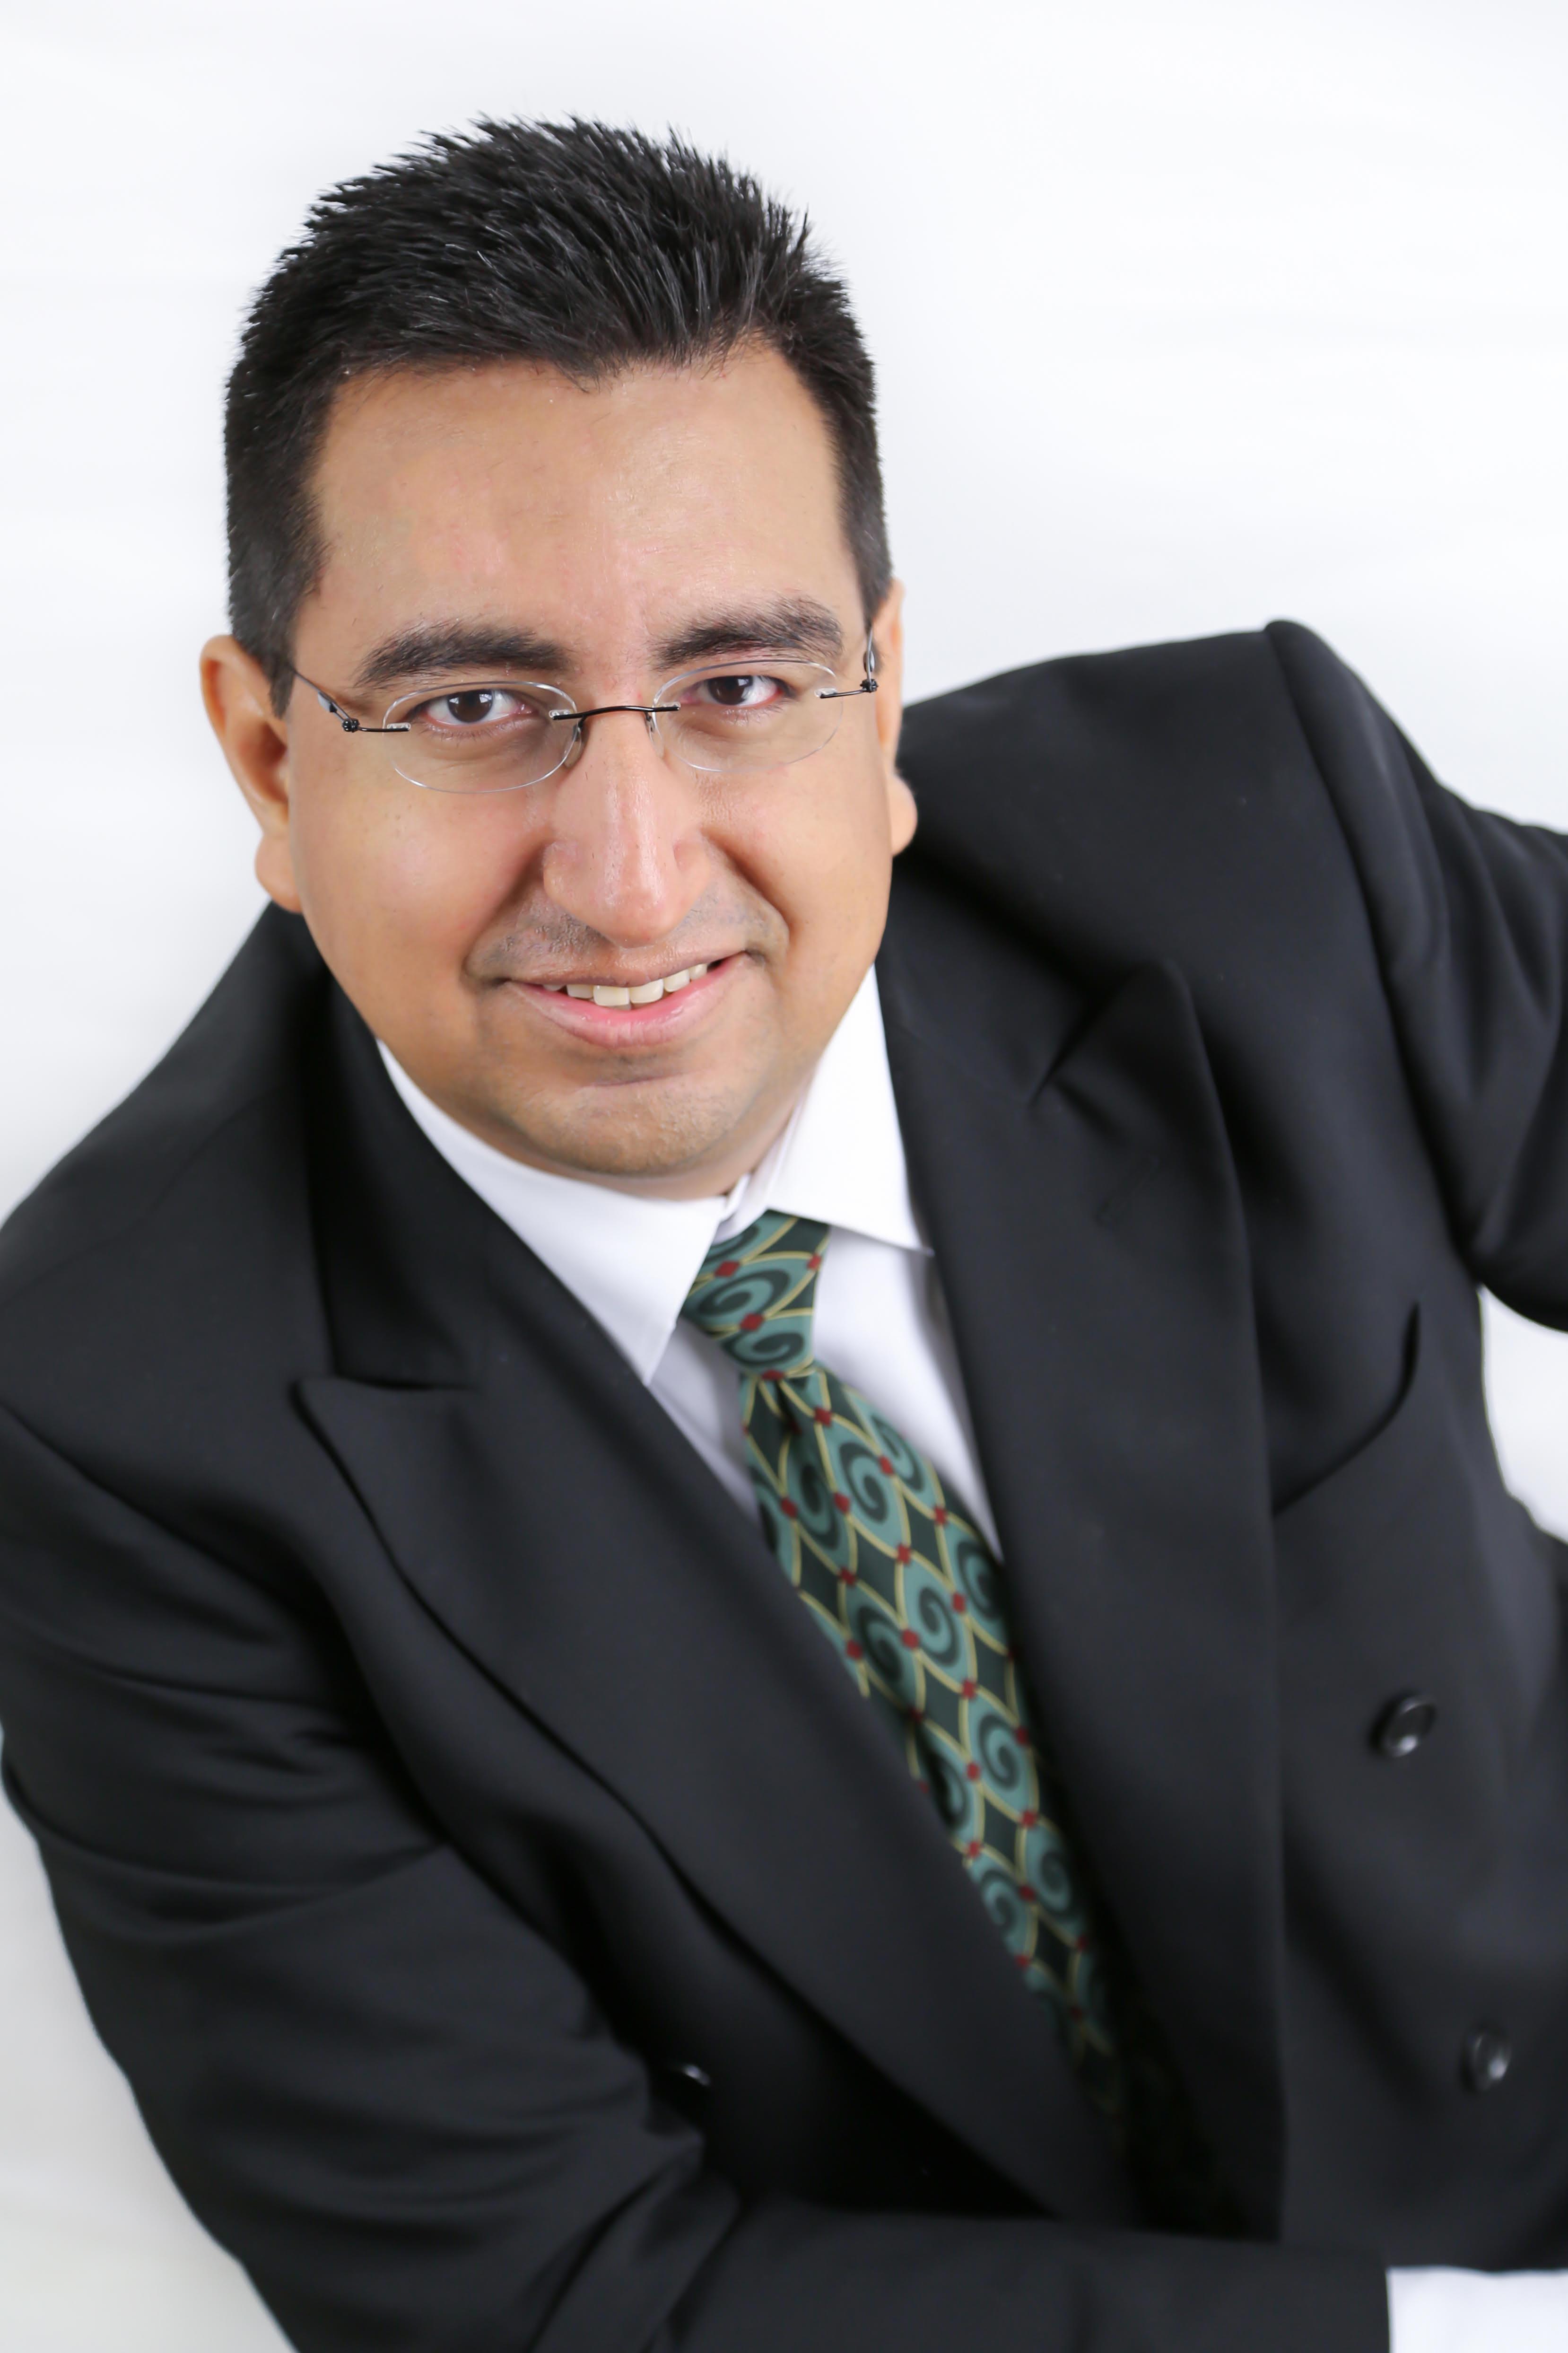 Javier Fuller, Vice-President of Web Development